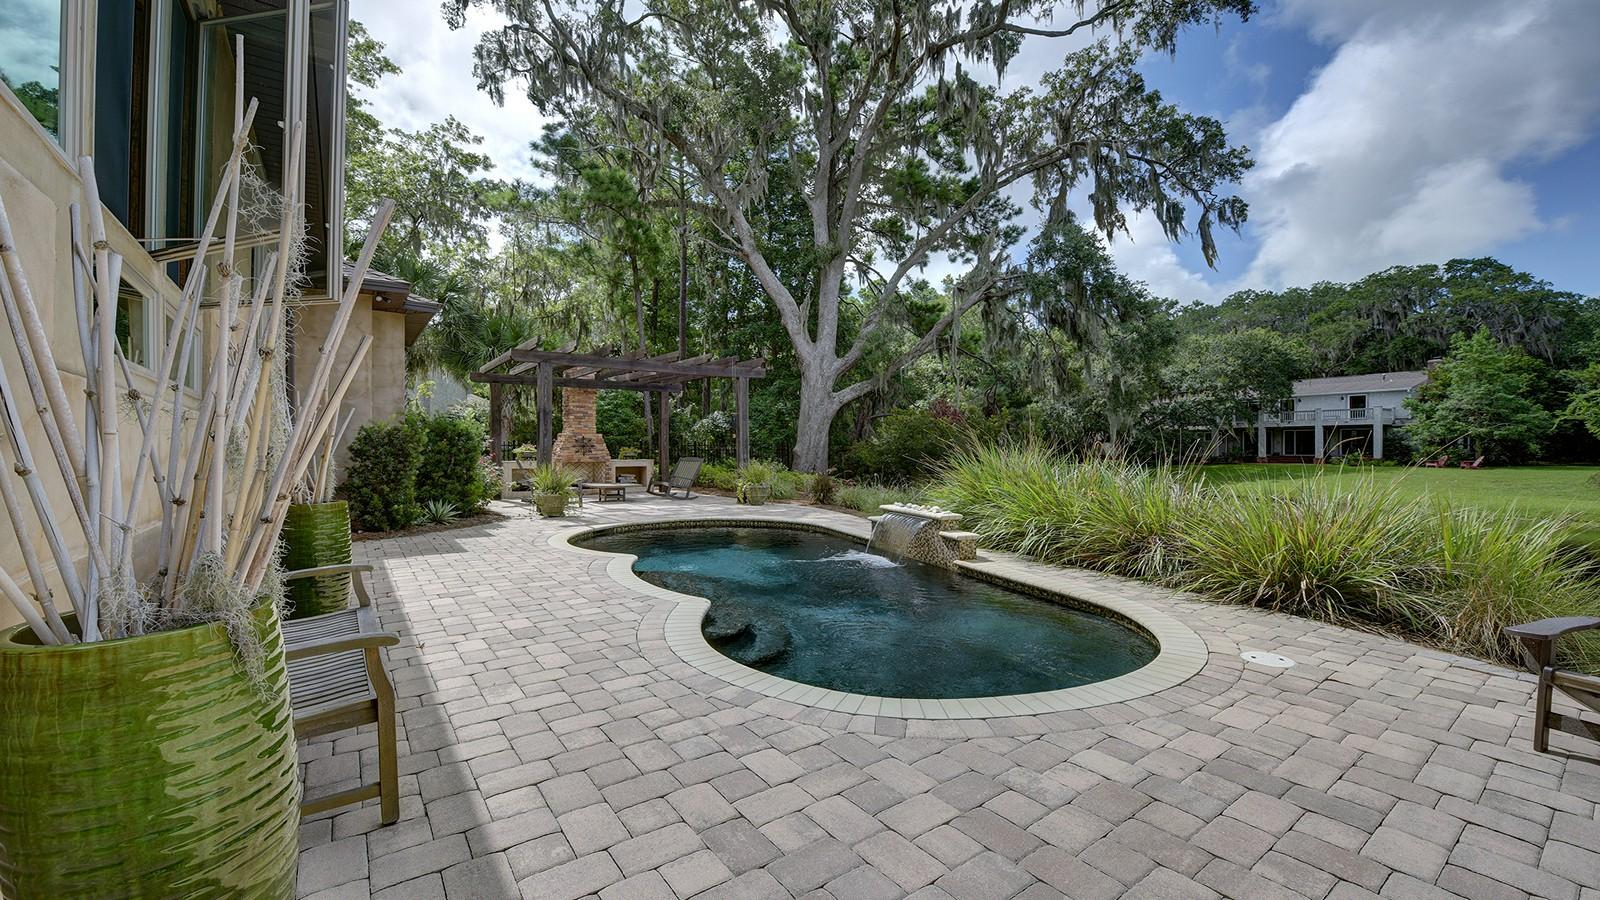 Частный односемейный дом для того Продажа на 127 Cypress 127 Cypress Point St. Simons Island, Джорджия 31522 Соединенные Штаты